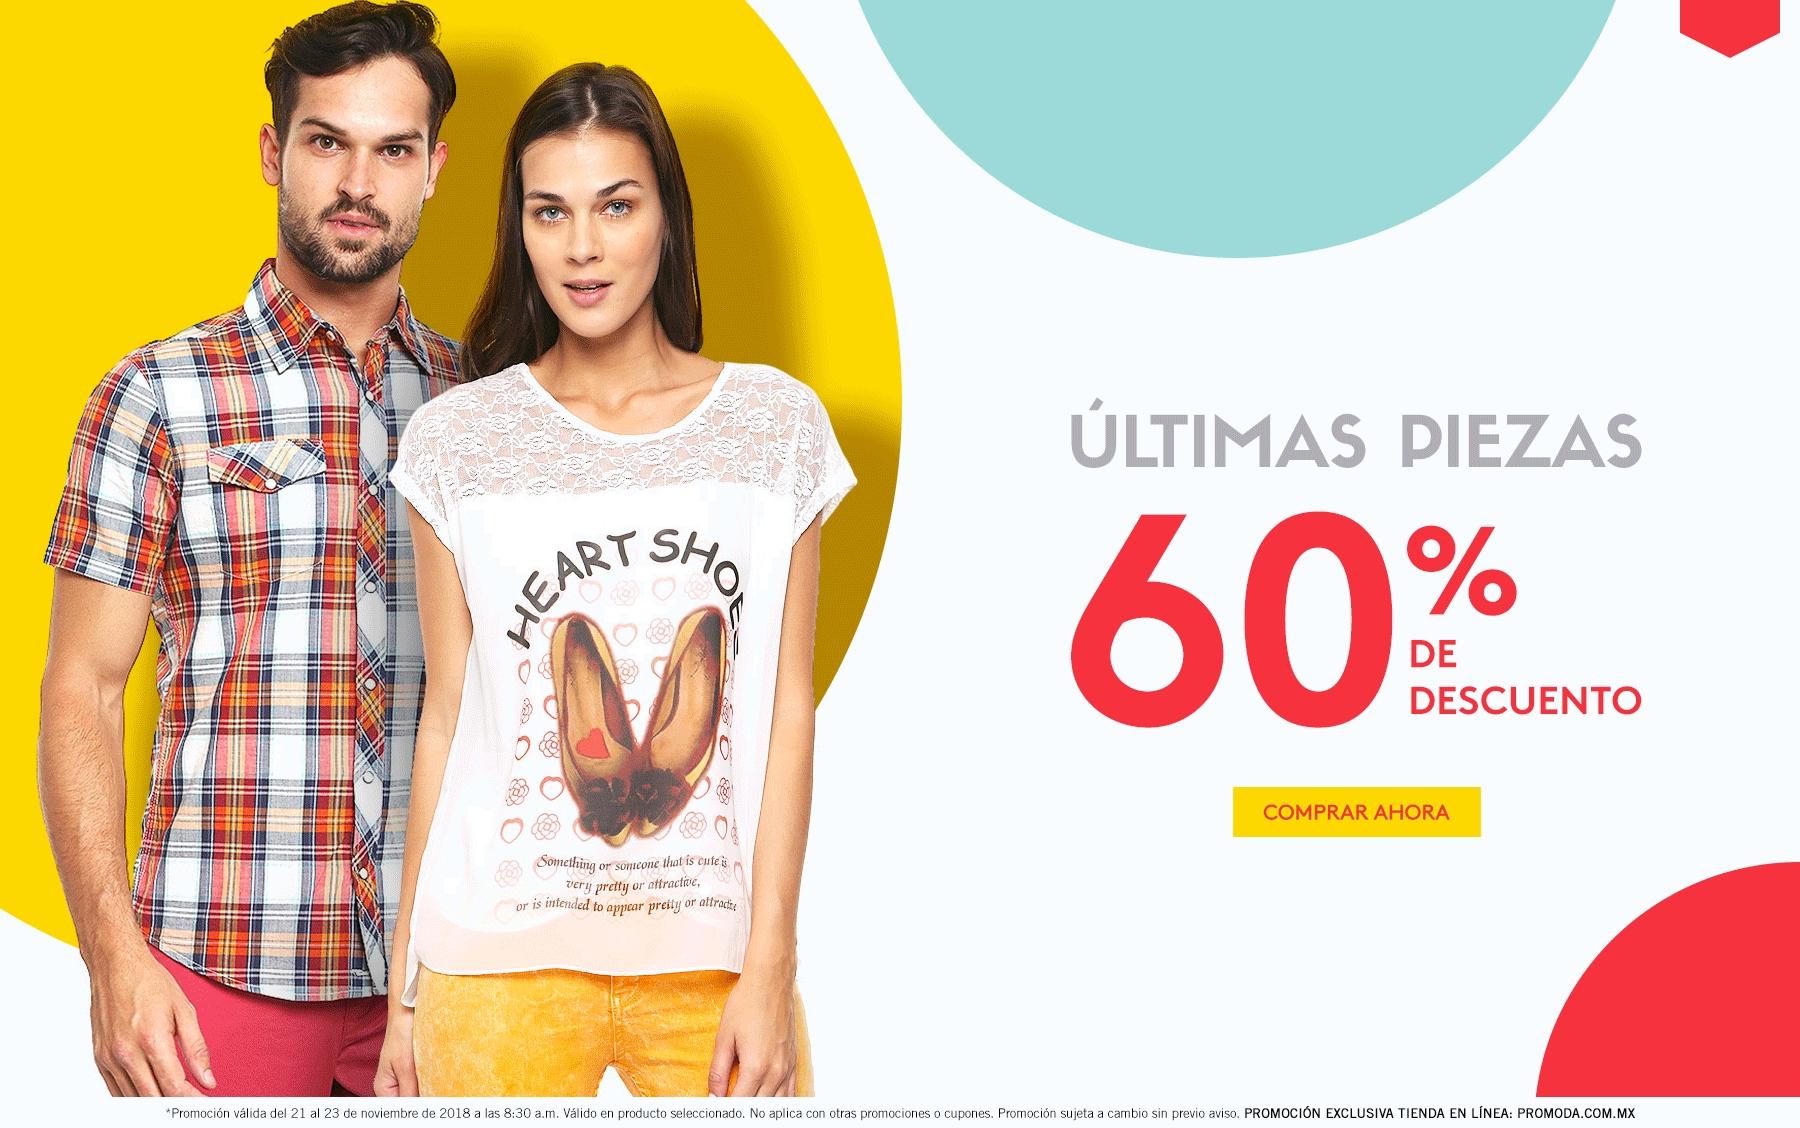 Promoda Outlet: 60% de descuento en últimas piezas en tienda en Línea